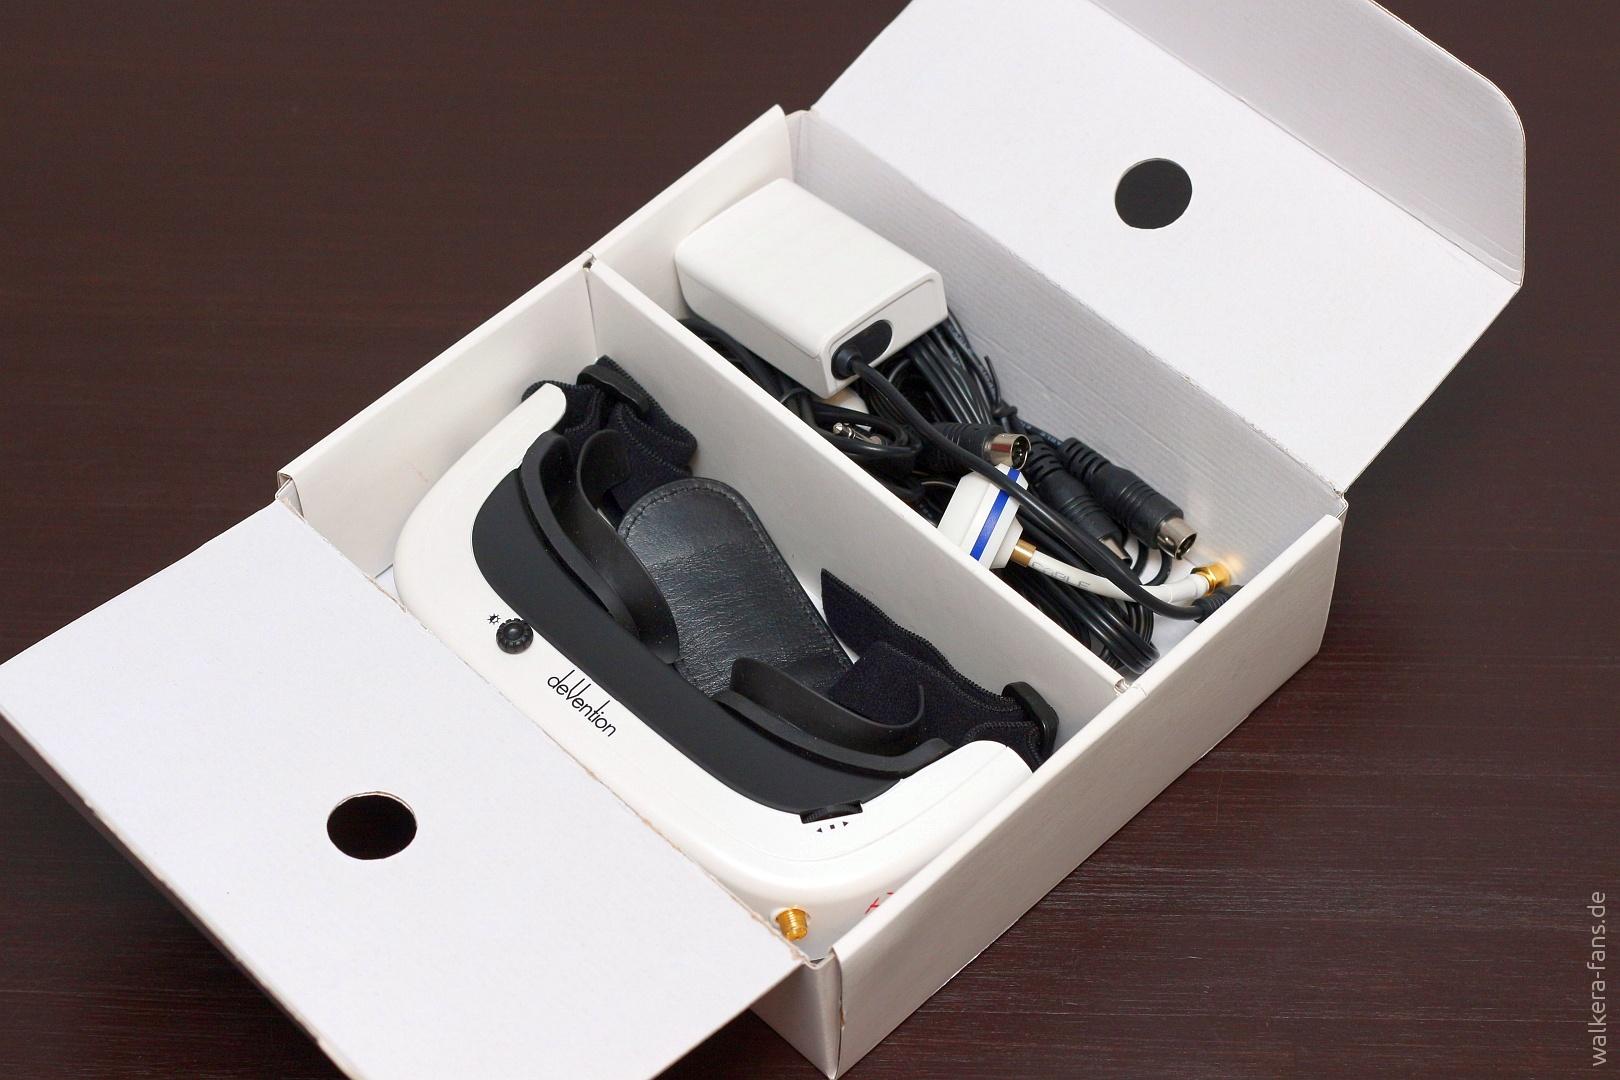 Devention Goggle 2 Berblick Und Erster Eindruck Walkera Fans Drone Voyager 3 Gps Devo F12e G 3d Gimbal Ilook With Camera Putih Auspacken Aufbauen